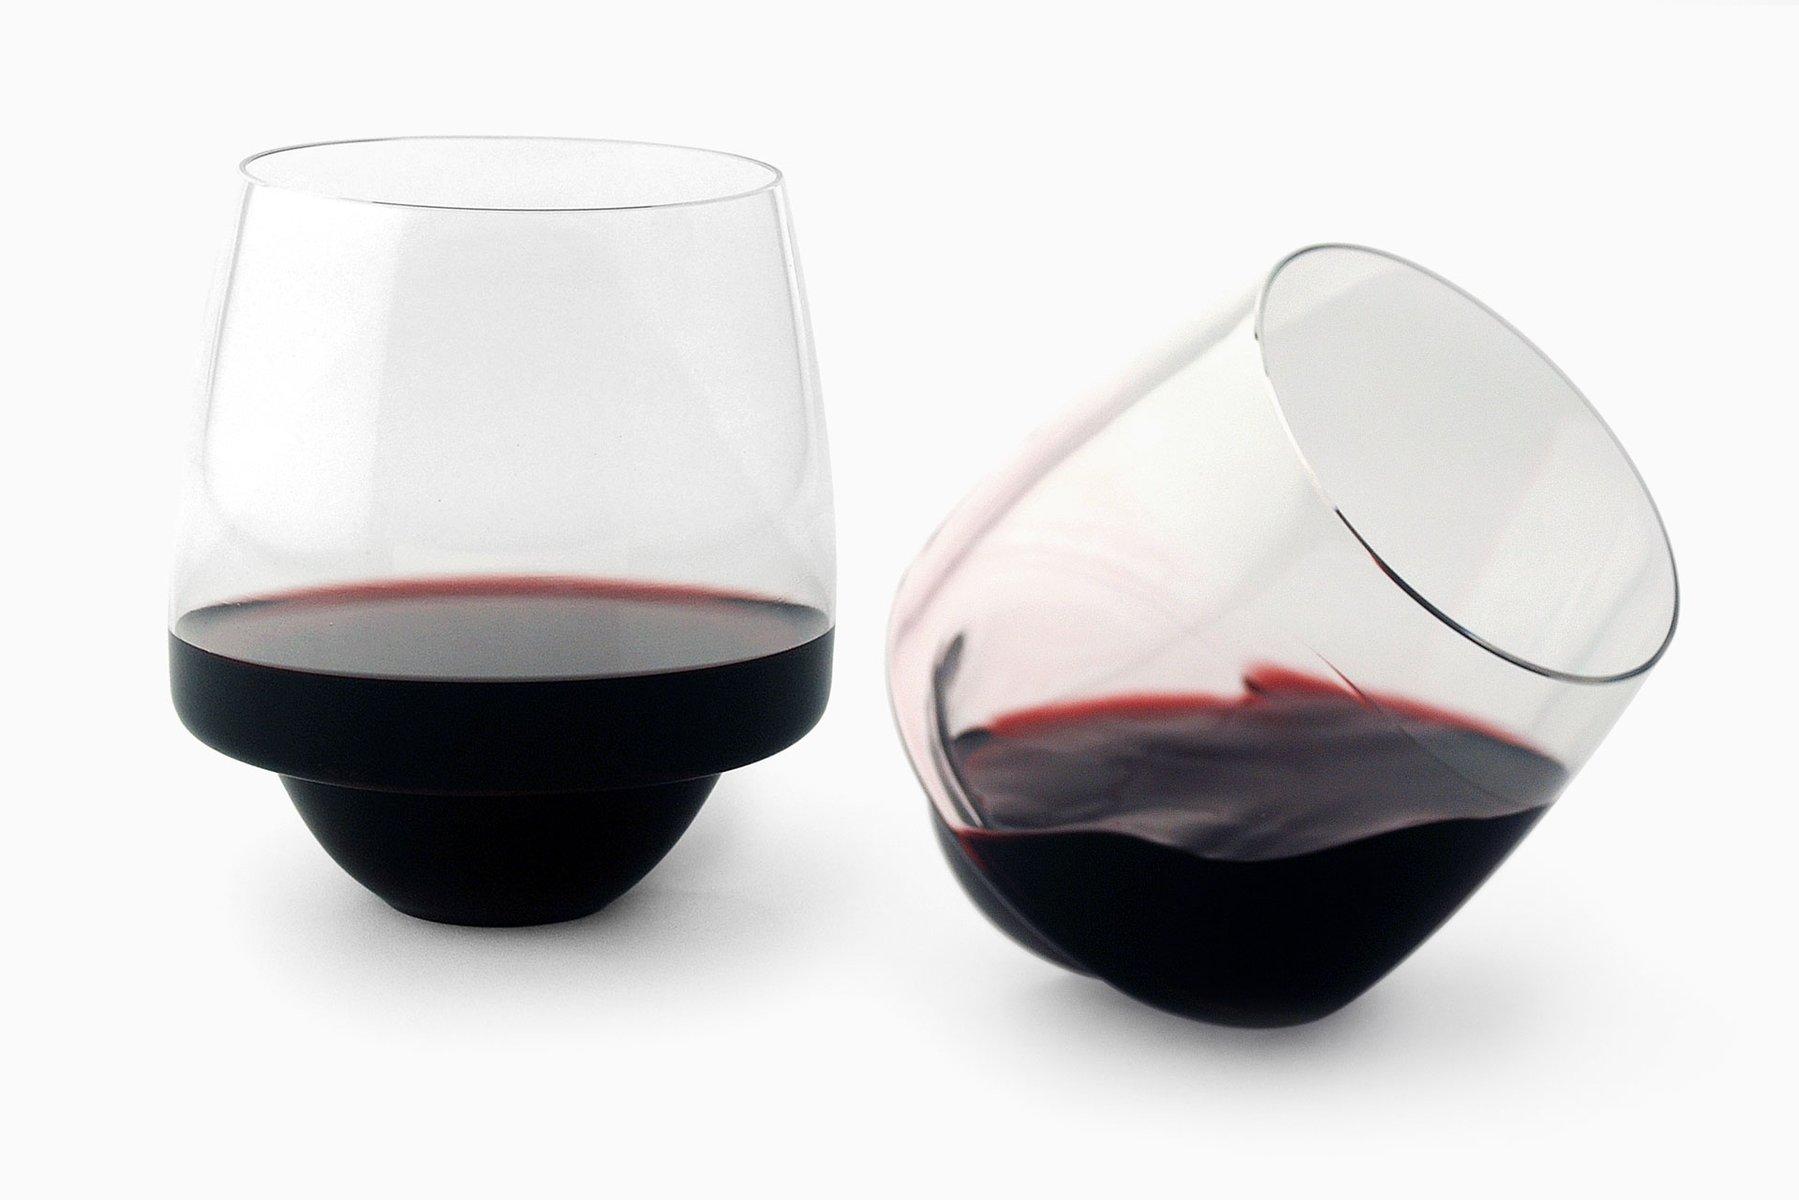 Set of 4 saturn wine glasses by superduperstudio en vente for Super u champagne